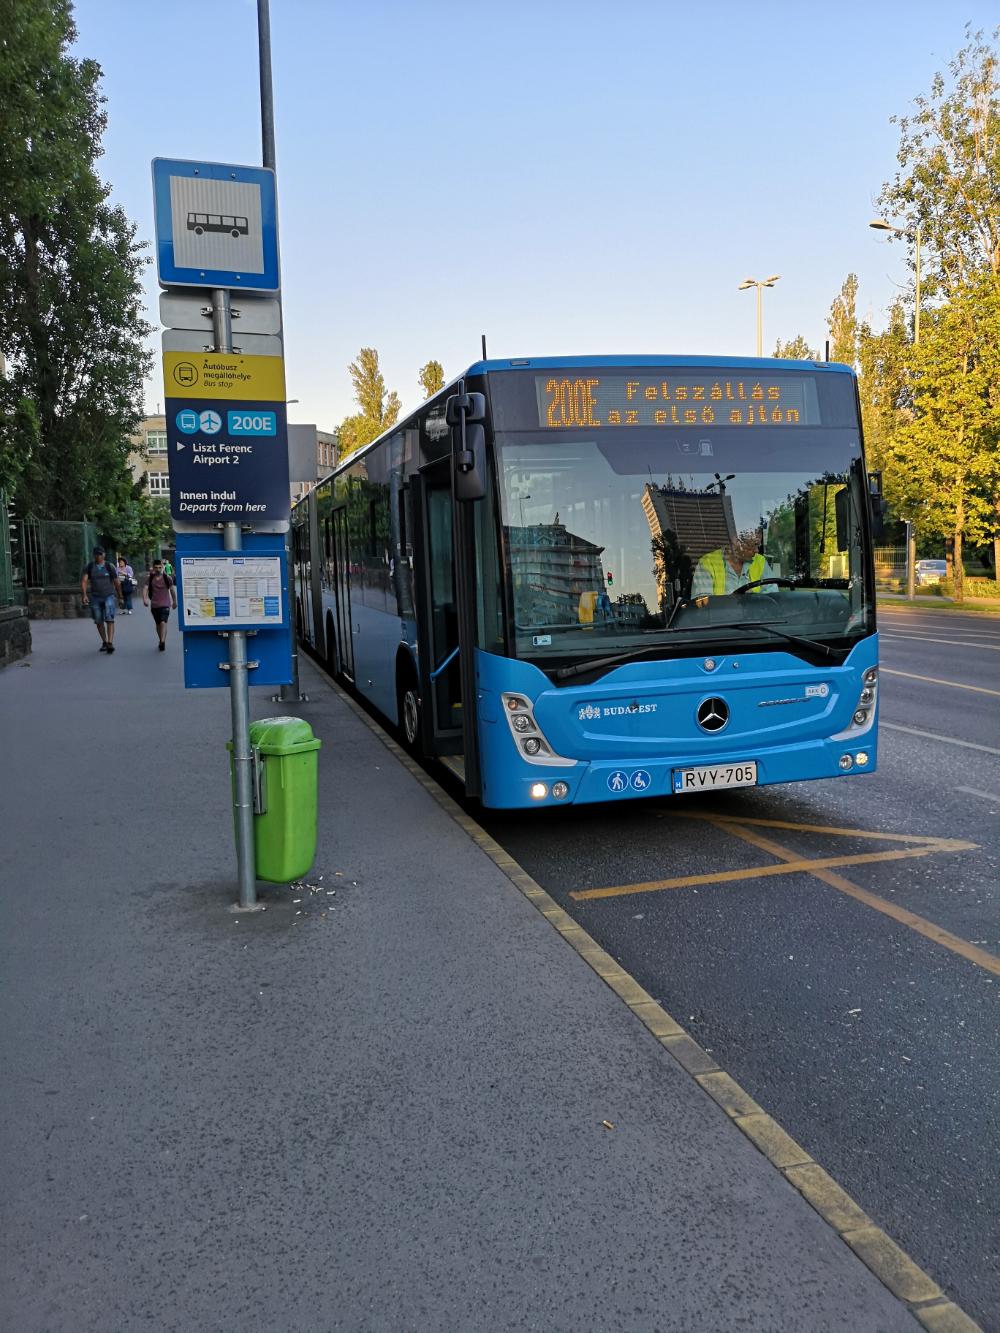 autobus 200e budapeszt